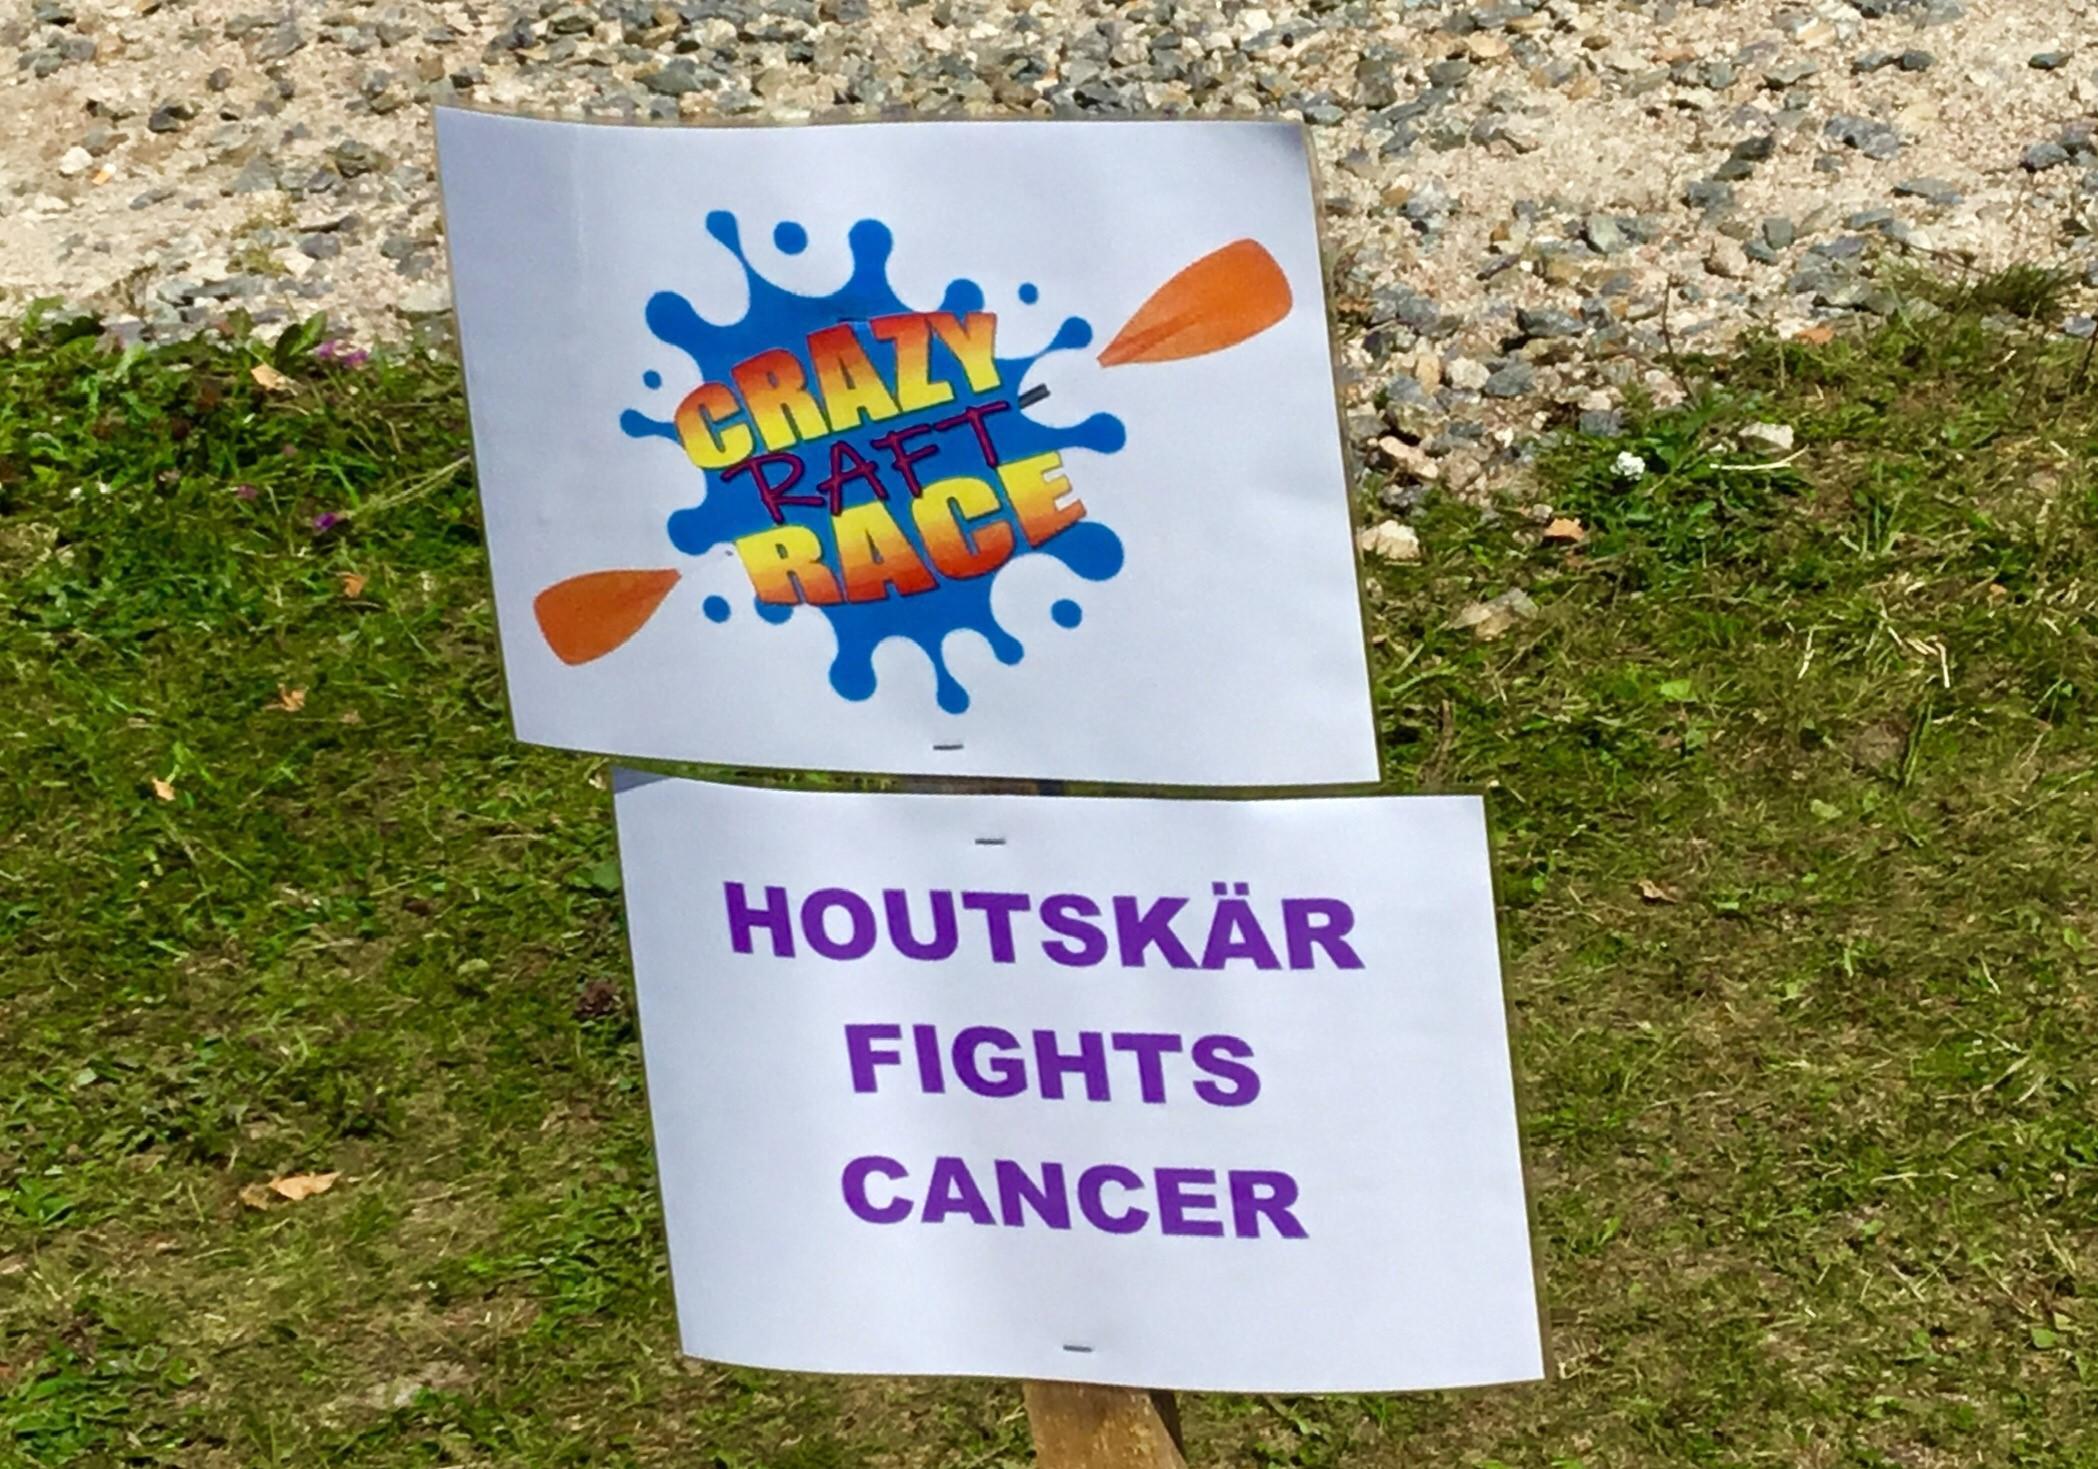 """En skylt med texten """"Crazy raft race"""" och """"Houtskär fights cancer"""""""